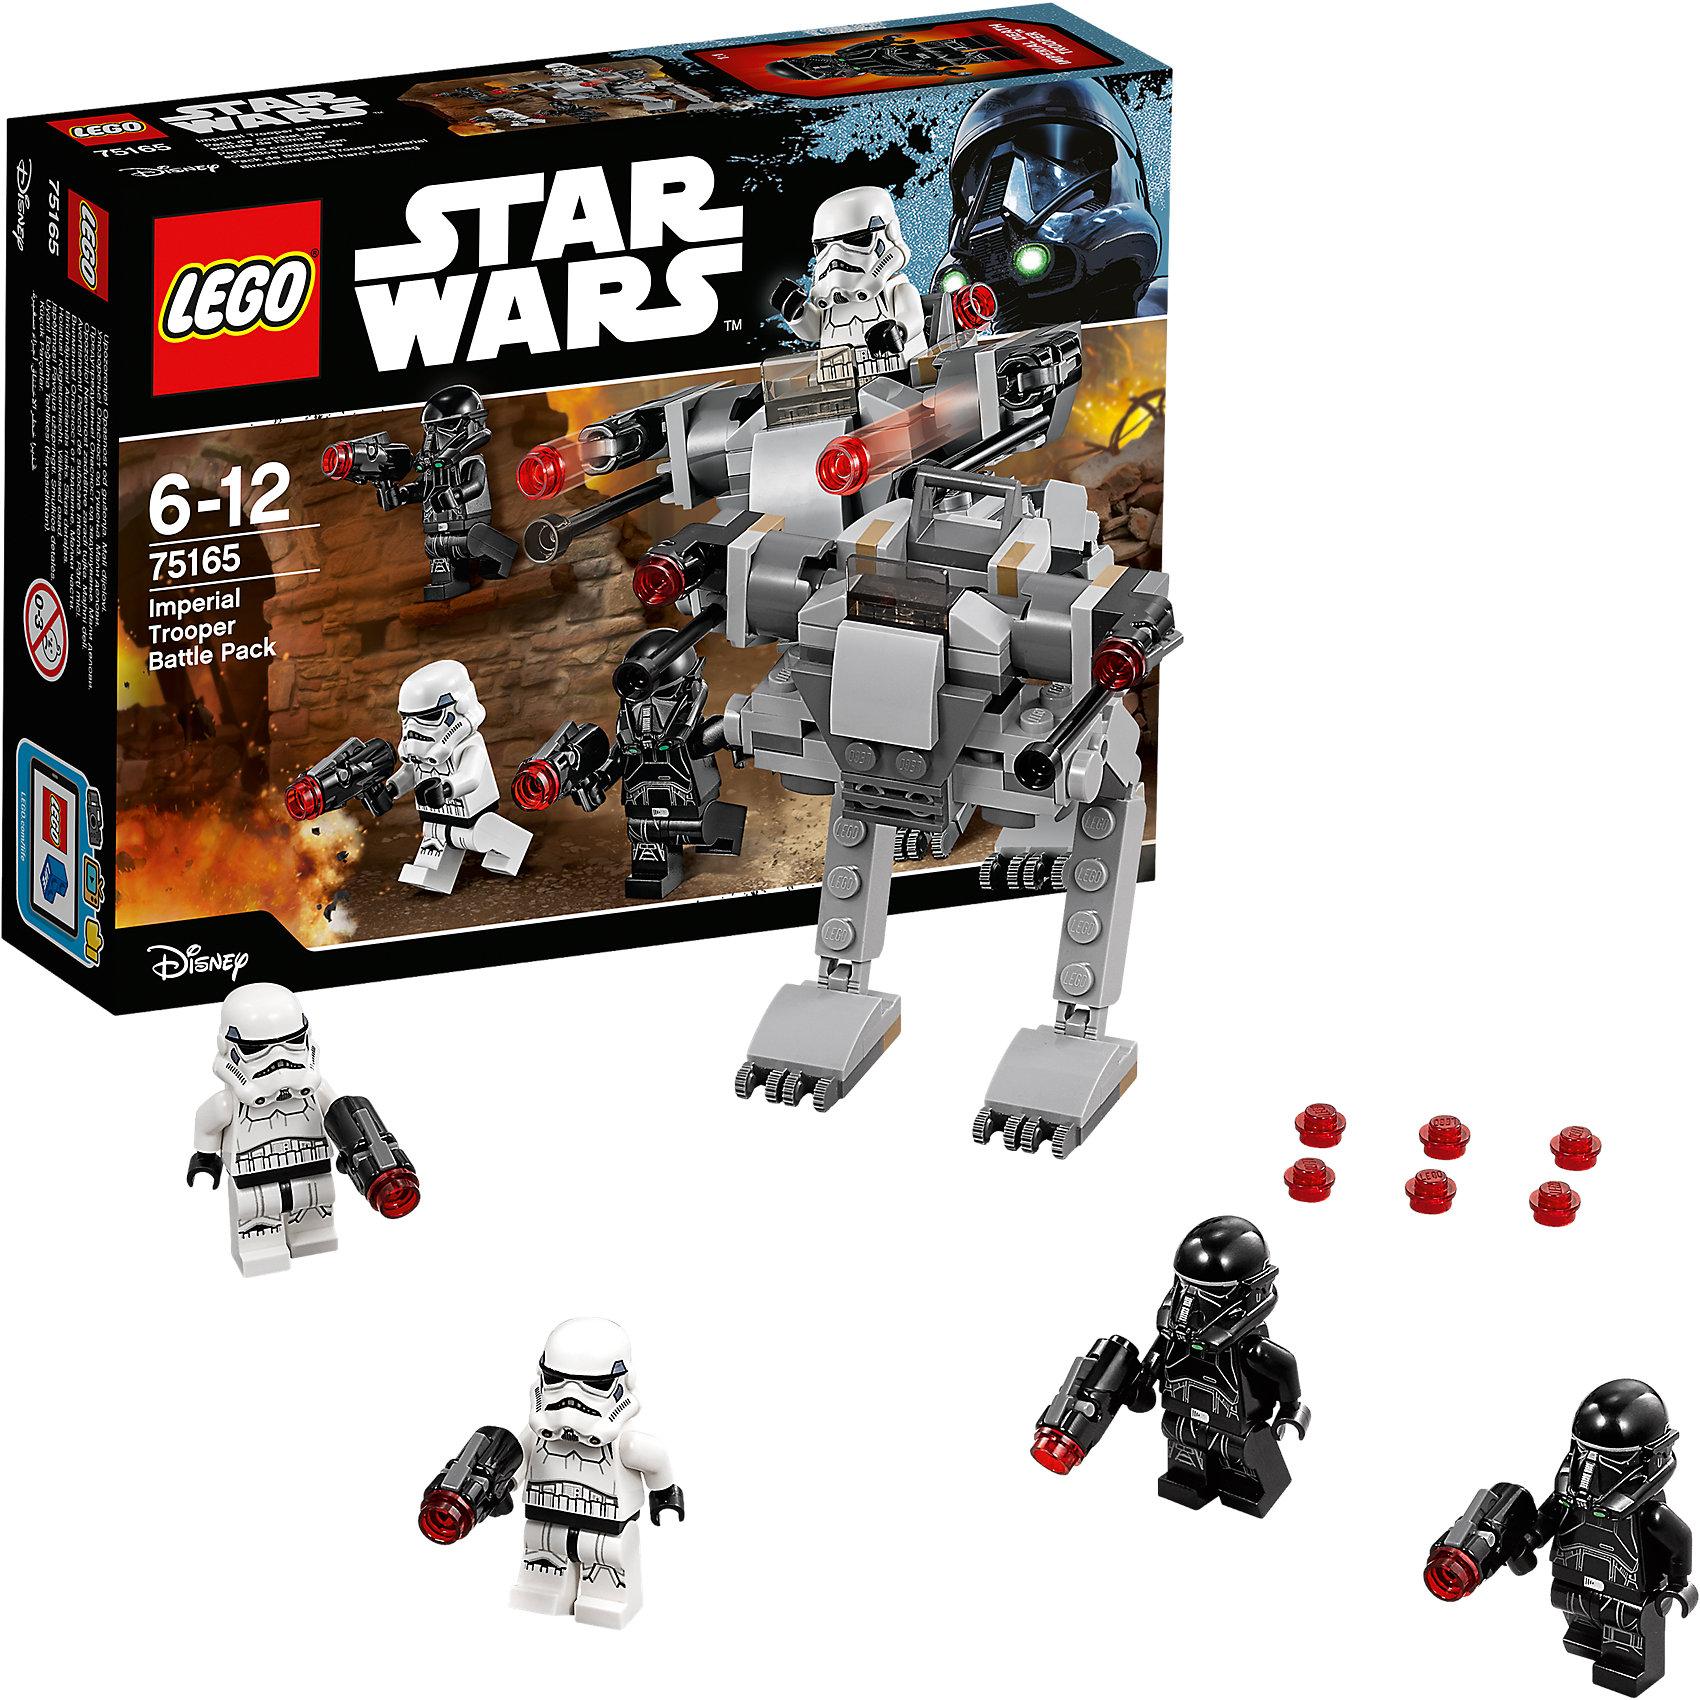 """LEGO Star Wars 75165: Боевой набор ИмперииПластмассовые конструкторы<br>LEGO Star Wars 75165: Боевой набор Империи<br><br>Характеристики:<br><br>- в набор входит: имперский шагоход, 4 фигурки, аксессуары, инструкция<br>- состав: пластик<br>- количество деталей: 112<br>- примерное время сборки: 15 минут<br>- размер шагохода: 8 * 10 * 8 см.<br>- для детей в возрасте: от 6 до 12 лет<br>- Страна производитель: Дания/Китай/Чехия/<br><br>Легендарный конструктор LEGO (ЛЕГО) представляет серию «Звездные Войны» с героями одноименных фильмов. В этом наборе штурмовики заняты обороной военной базы по мотивам фильма """"Изгой-один. Звёздные войны: Истории"""". Четыре фигурки штурмовиков из набора облачены в черную и белую униформу. Отлично проработанные детали фигурок и шлемов добавляют реалистичности, сами шлемы снимаются и можно увидеть лица клонов. У каждого имперского штурмовика есть свой бластер с усиленной огневой мощью, бластеры оснащены небольшим механизмом и стреляют деталями, в набор входят запасные детали. Шагоход изготовлен из уникальных деталей и имеет место только для одного штурмовика. Небольшая деталь-стекло защищает управляющего шагоходом, а бластеры установленные на нем также могут стрелять. Защищай секреты Галактической Империи, и не дай повстанцам захватить чертежи!<br><br>Конструктор LEGO Star Wars 75165: Боевой набор Империи можно купить в нашем интернет-магазине.<br><br>Ширина мм: 193<br>Глубина мм: 142<br>Высота мм: 48<br>Вес г: 114<br>Возраст от месяцев: 72<br>Возраст до месяцев: 144<br>Пол: Мужской<br>Возраст: Детский<br>SKU: 5002383"""